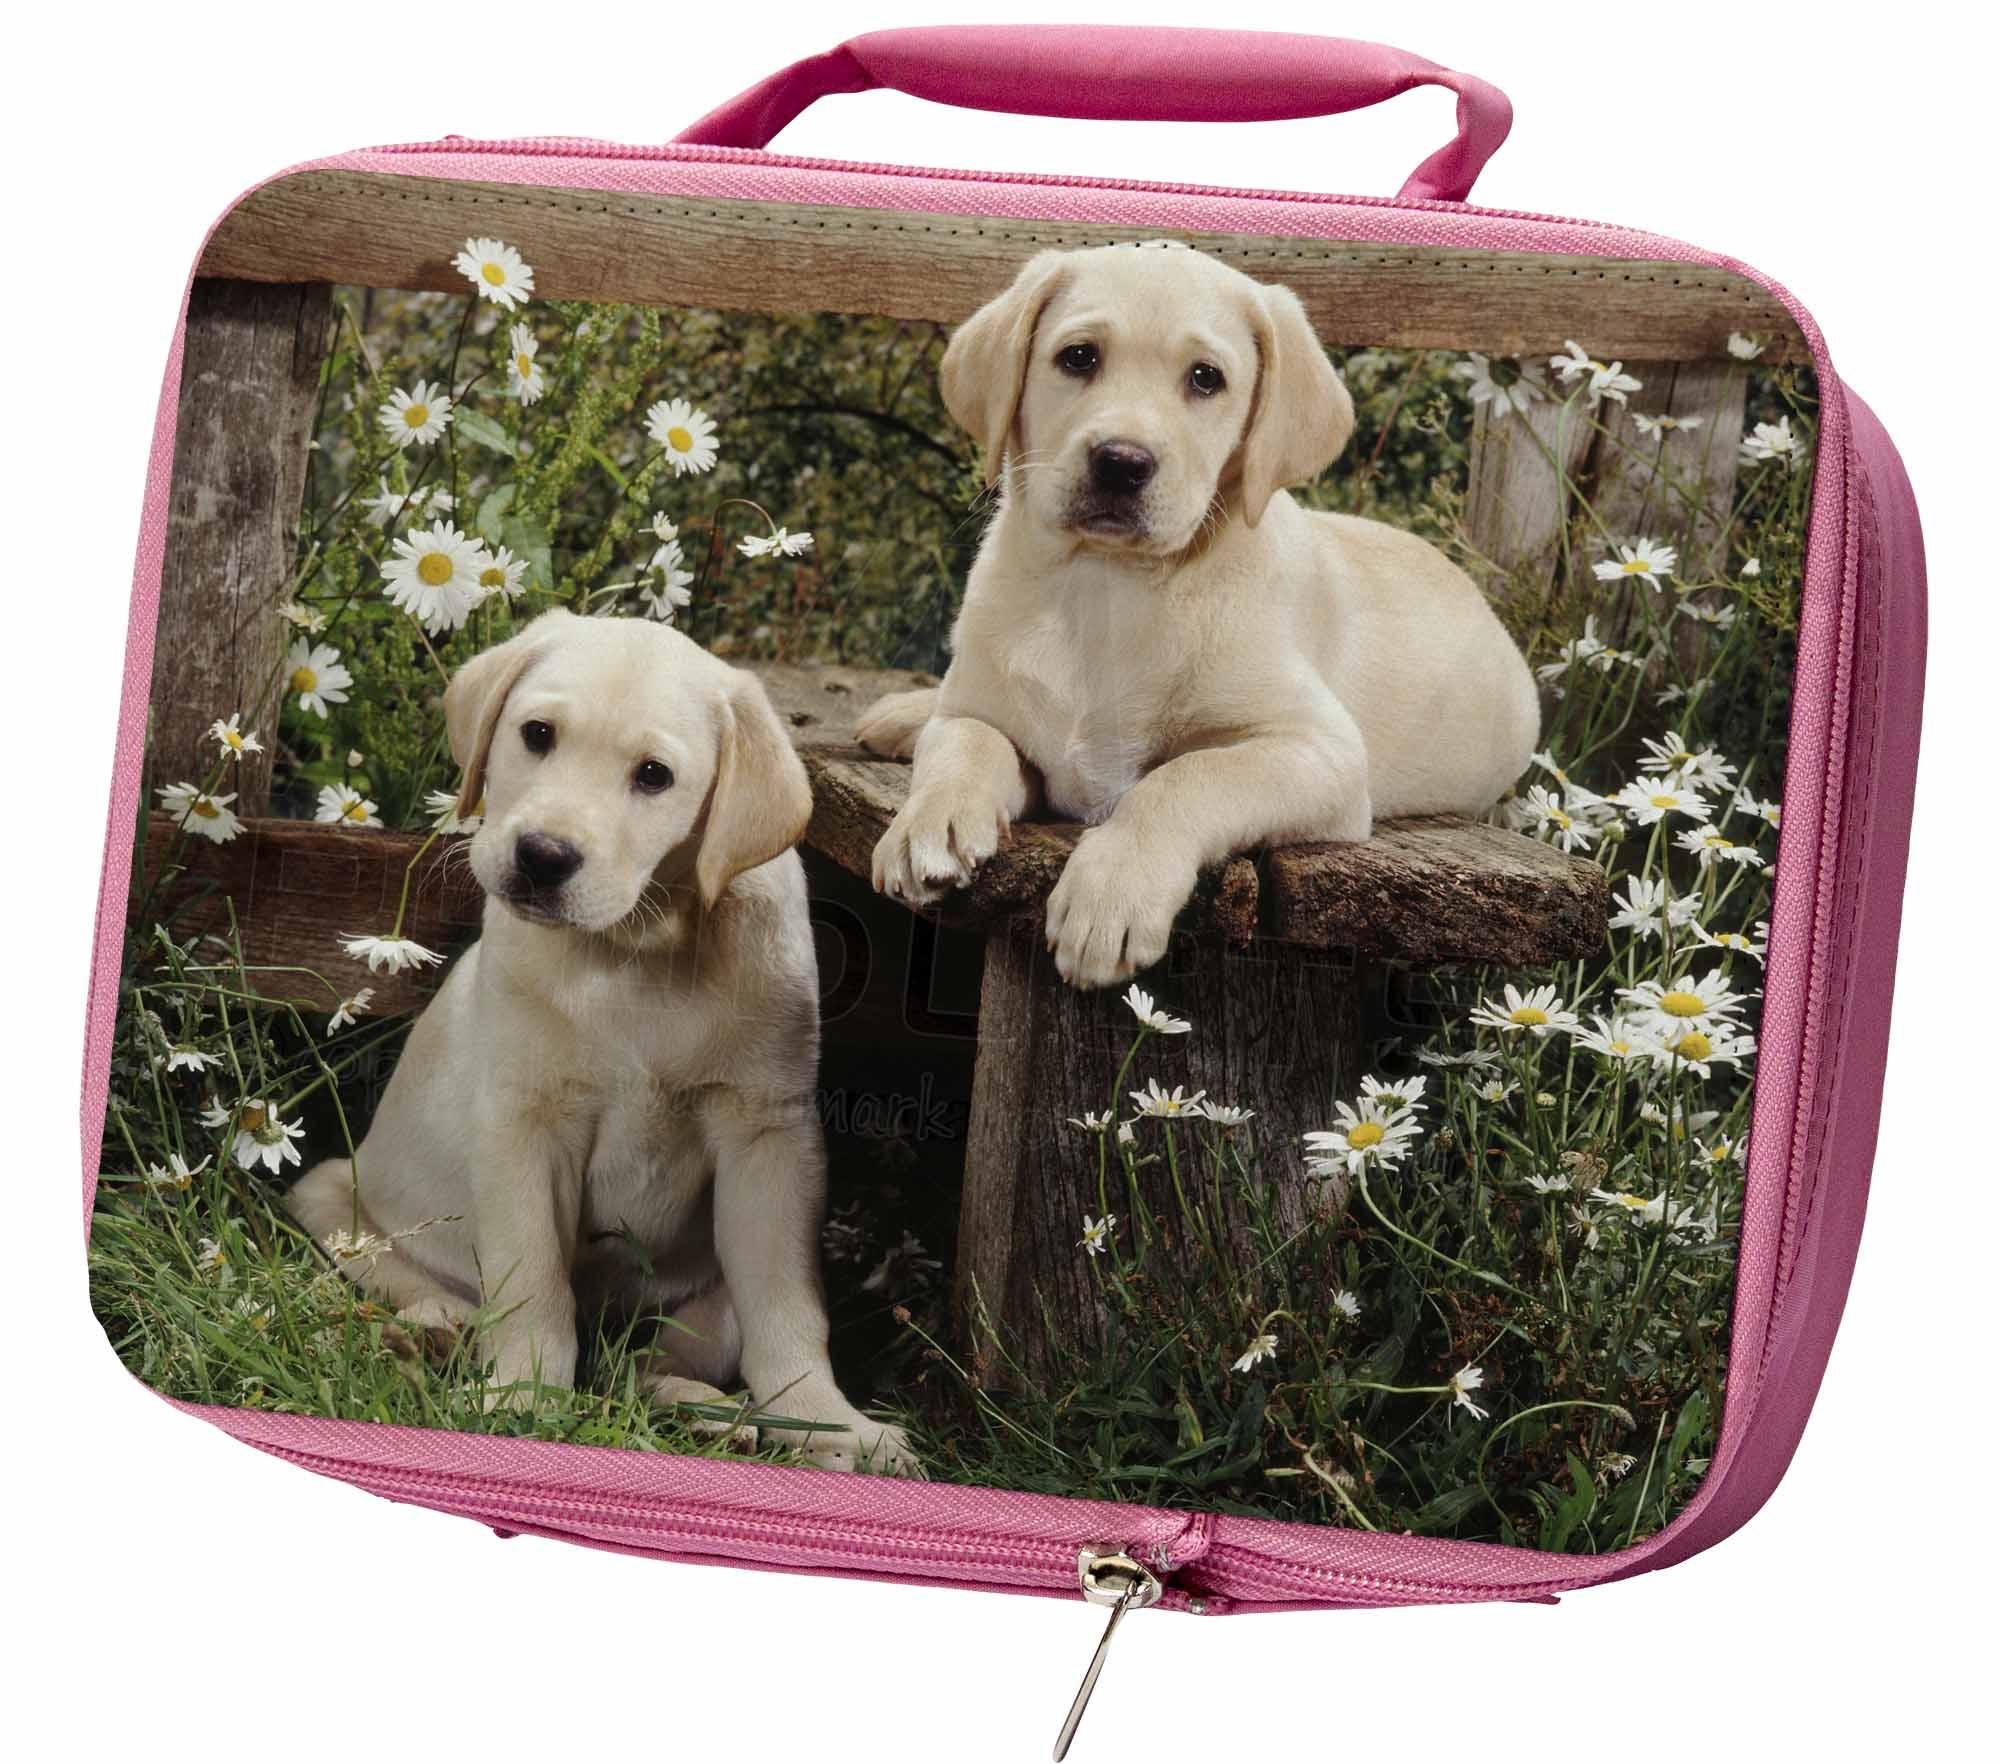 Labrador Giallo Cuccioli Ermetica Rosa Porta Pranzo, Ad-l50lbp Giallo-  - ebay.it